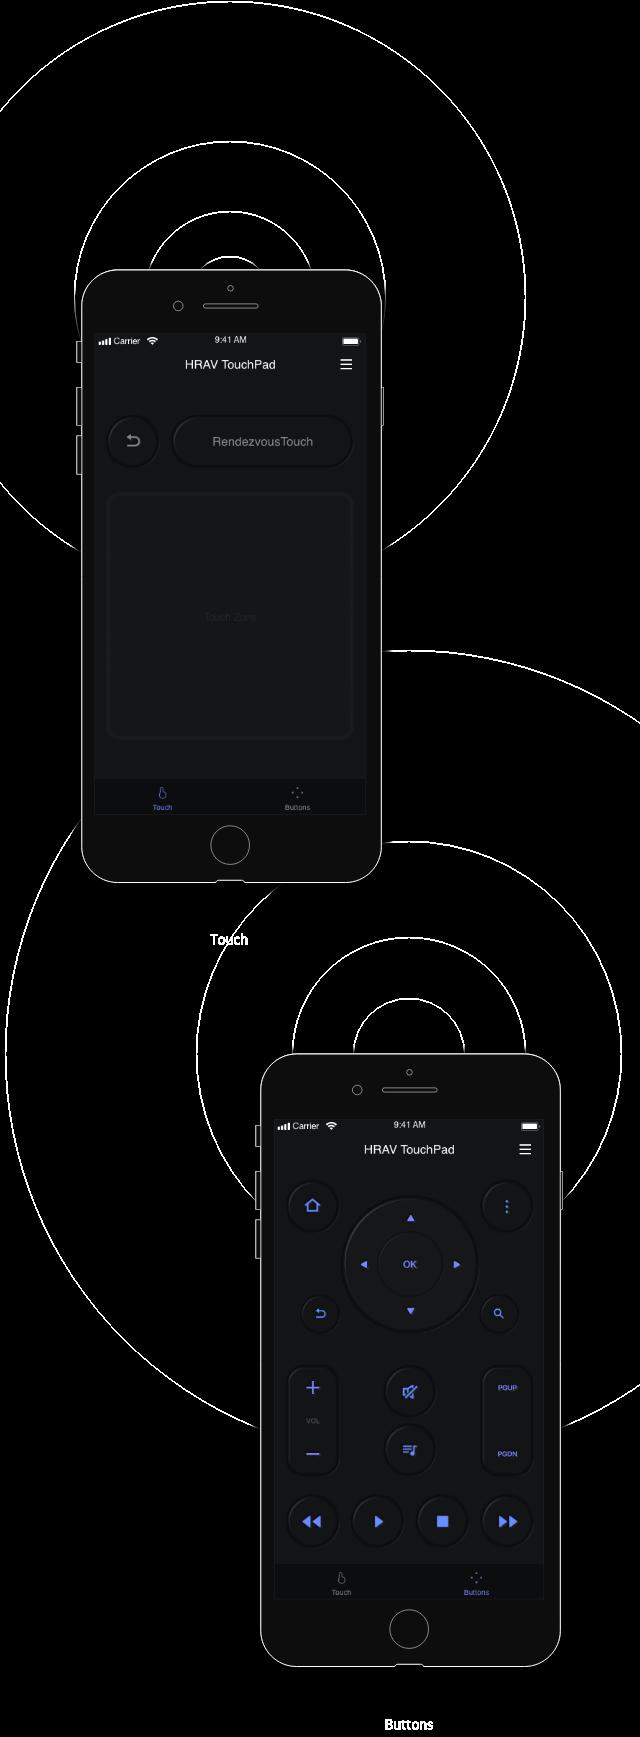 iOS Hi-Res audio player_스마트폰 제어 이미지